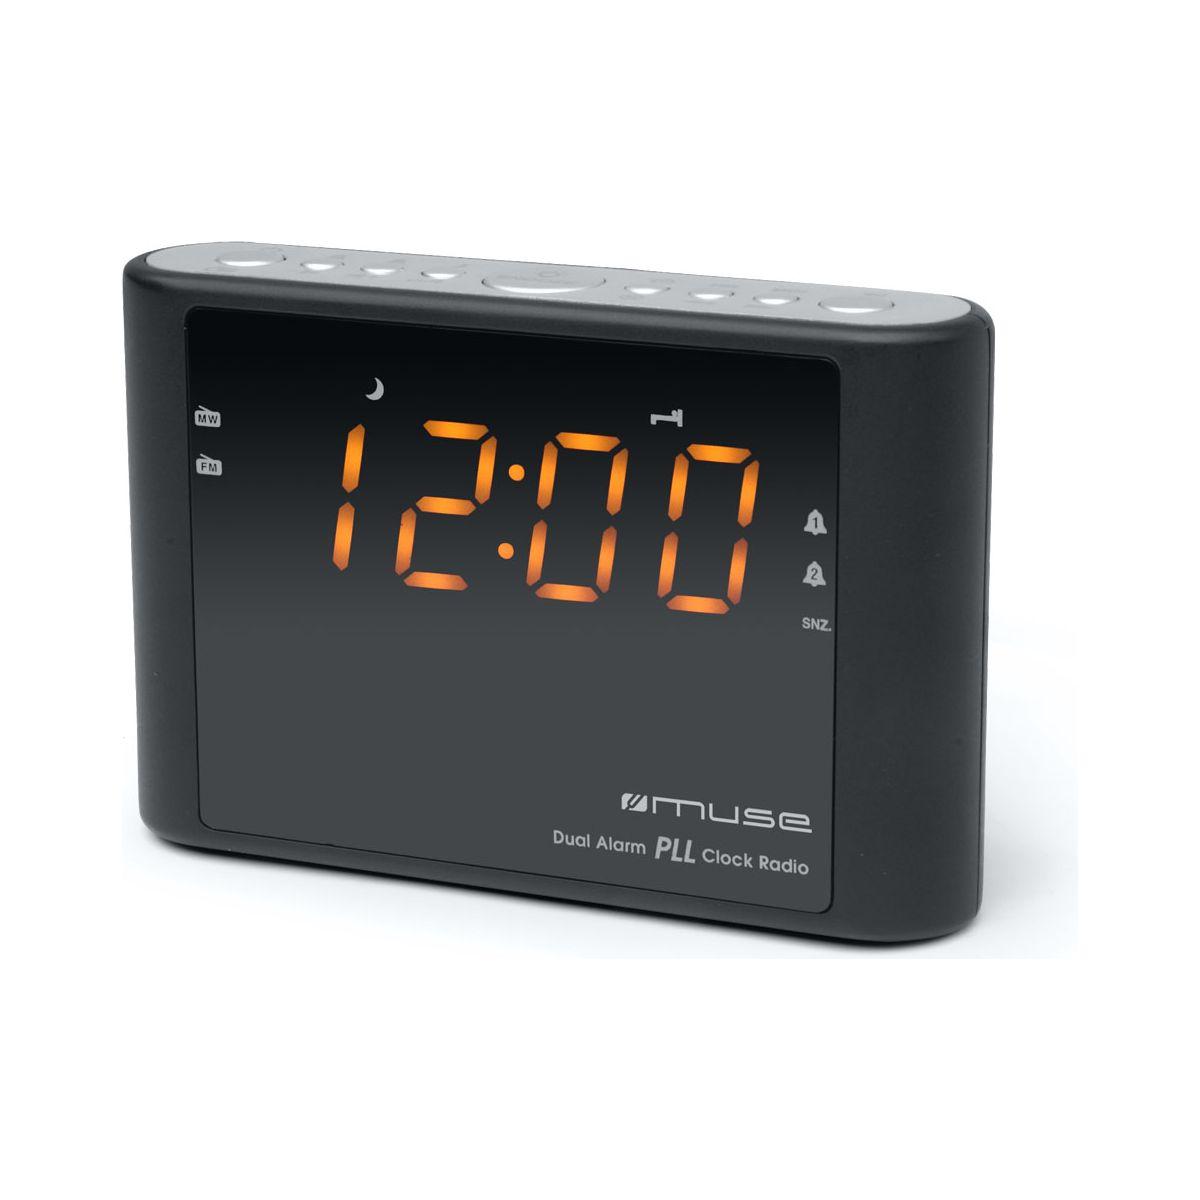 Radio-réveil muse m-175 cr - 15% de remise immédiate avec le code : multi15 (photo)